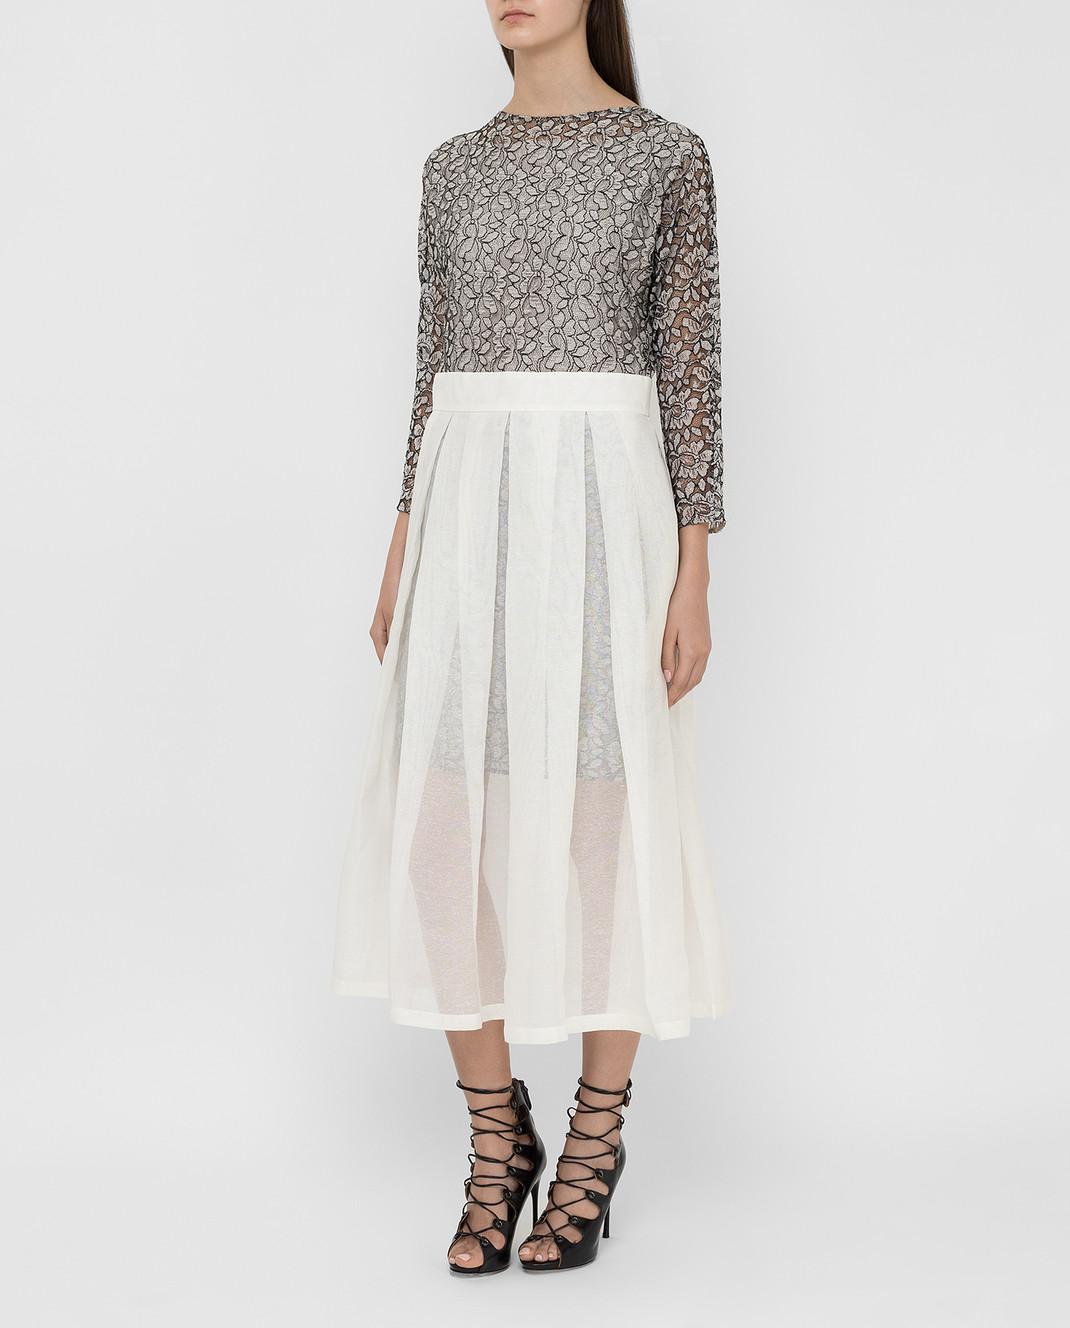 A la Russe Белое платье 172321 изображение 3